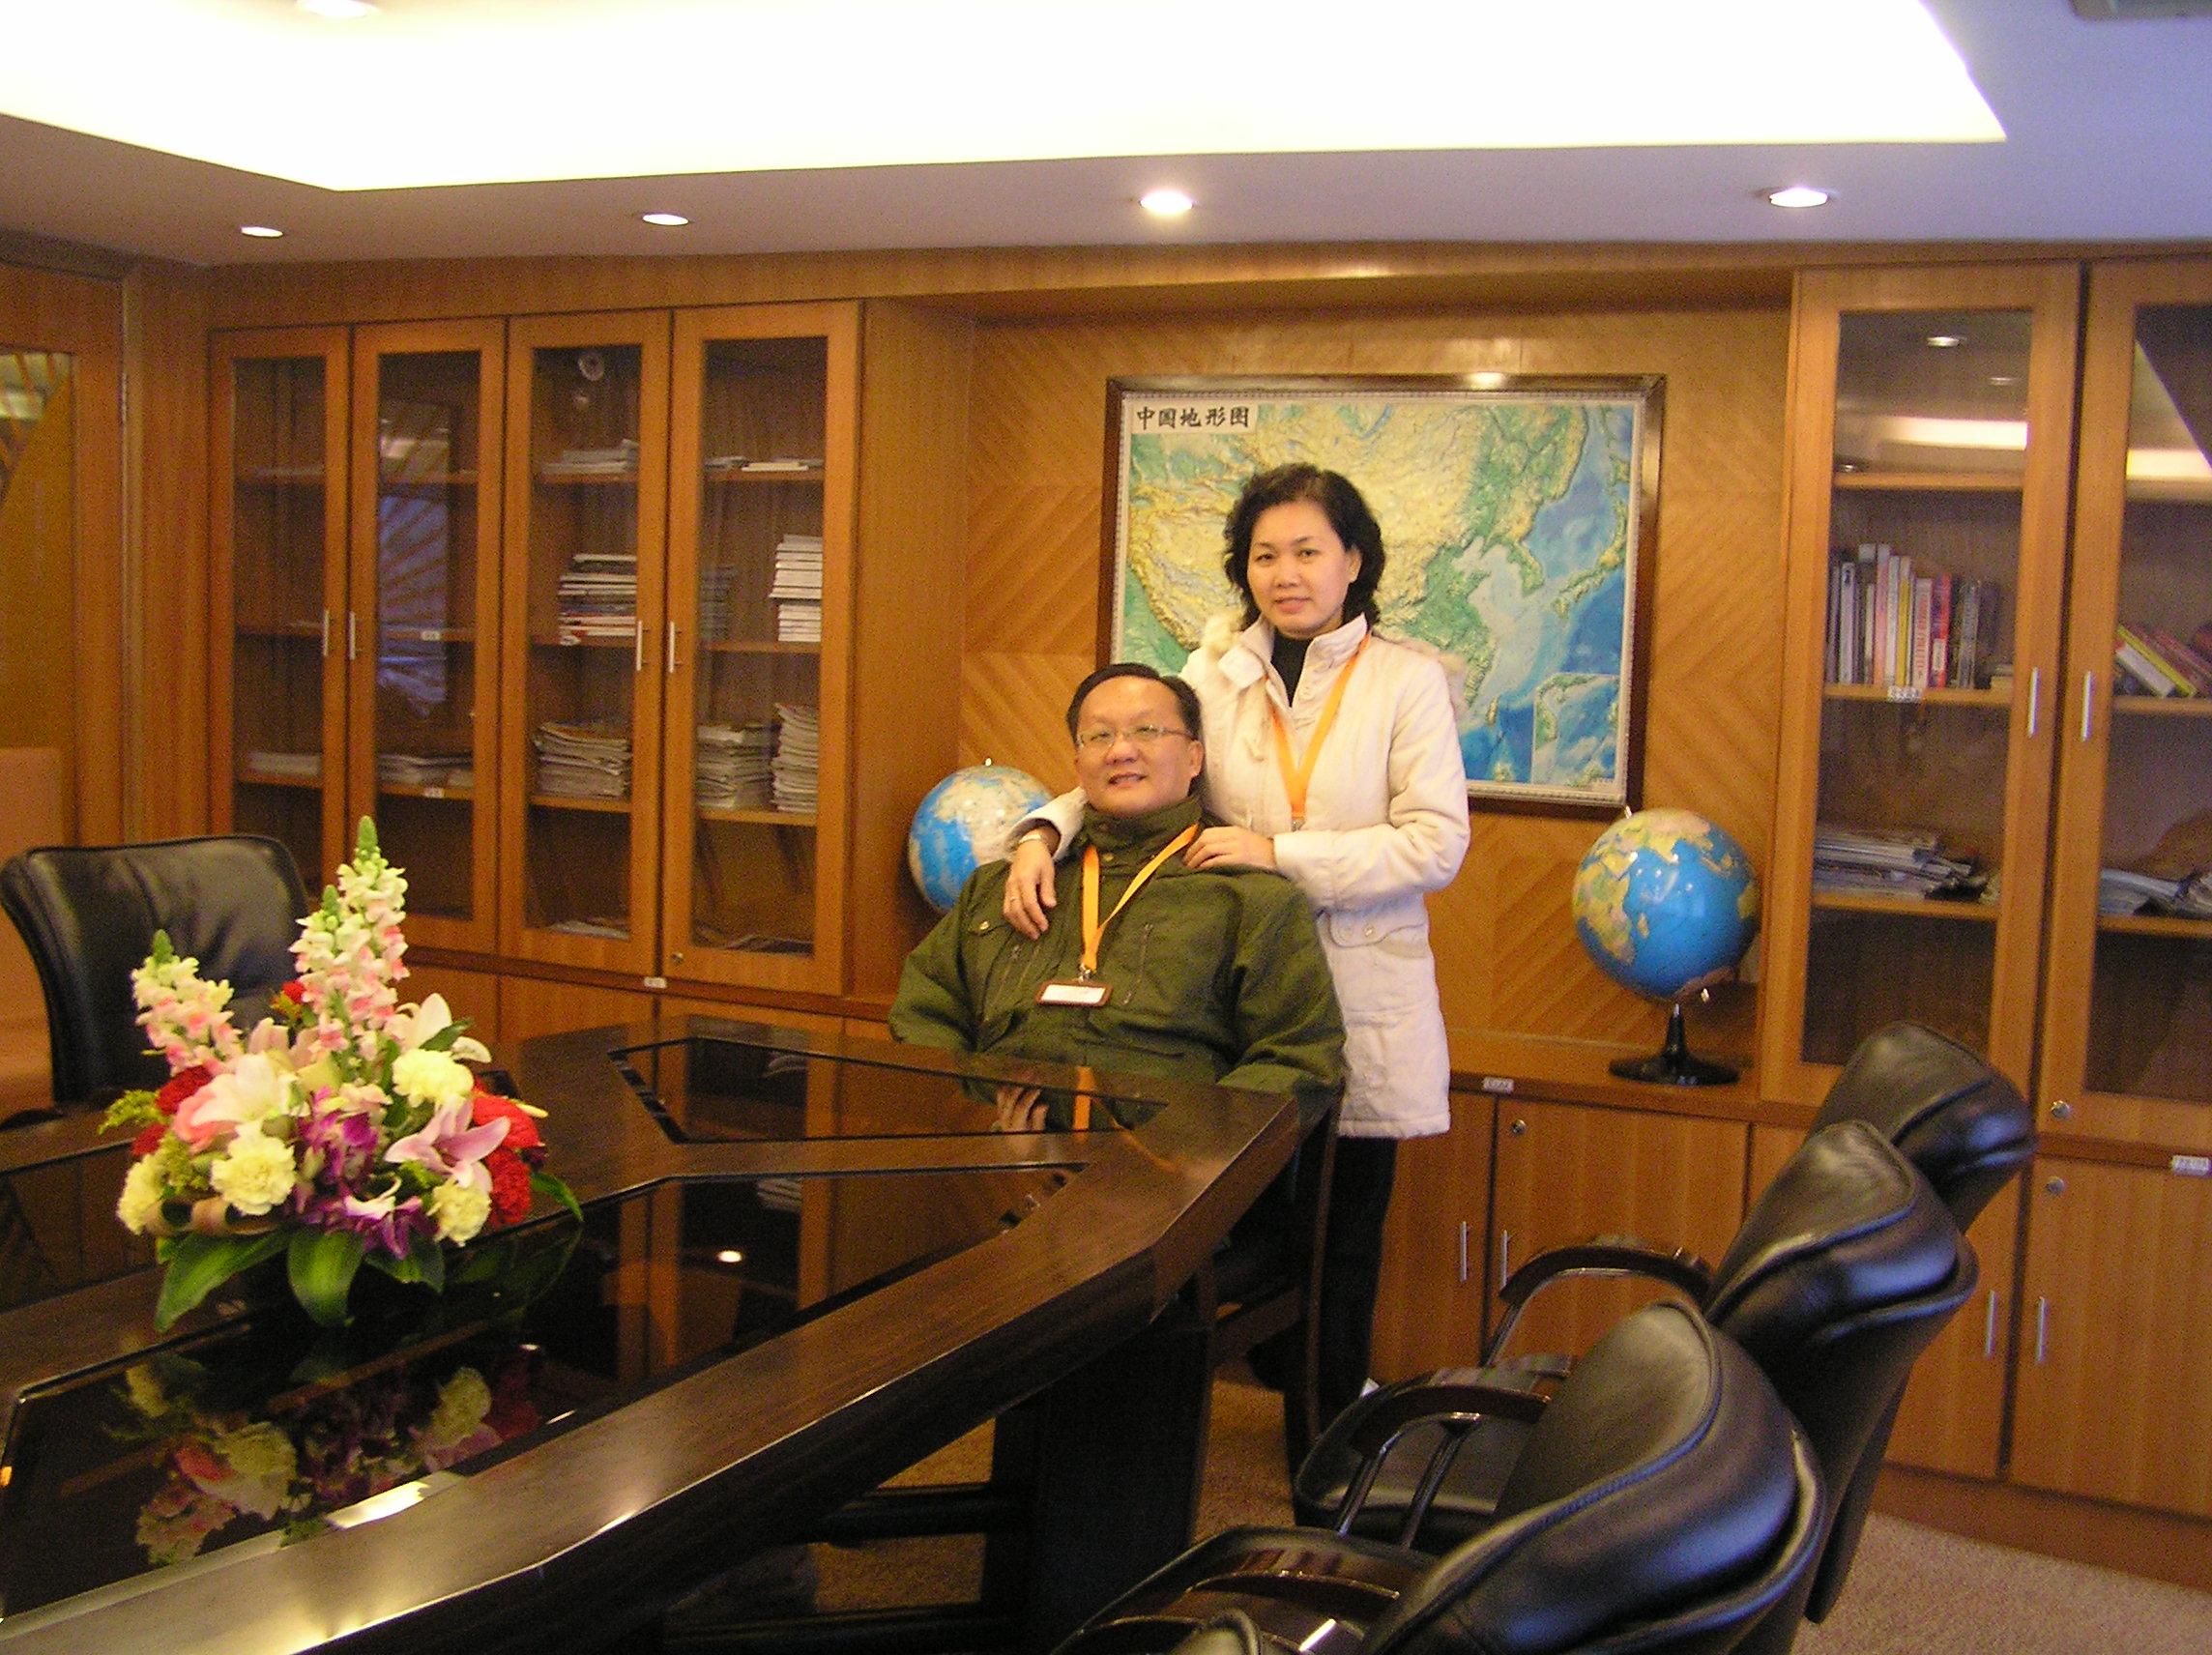 2007 China Shanxia